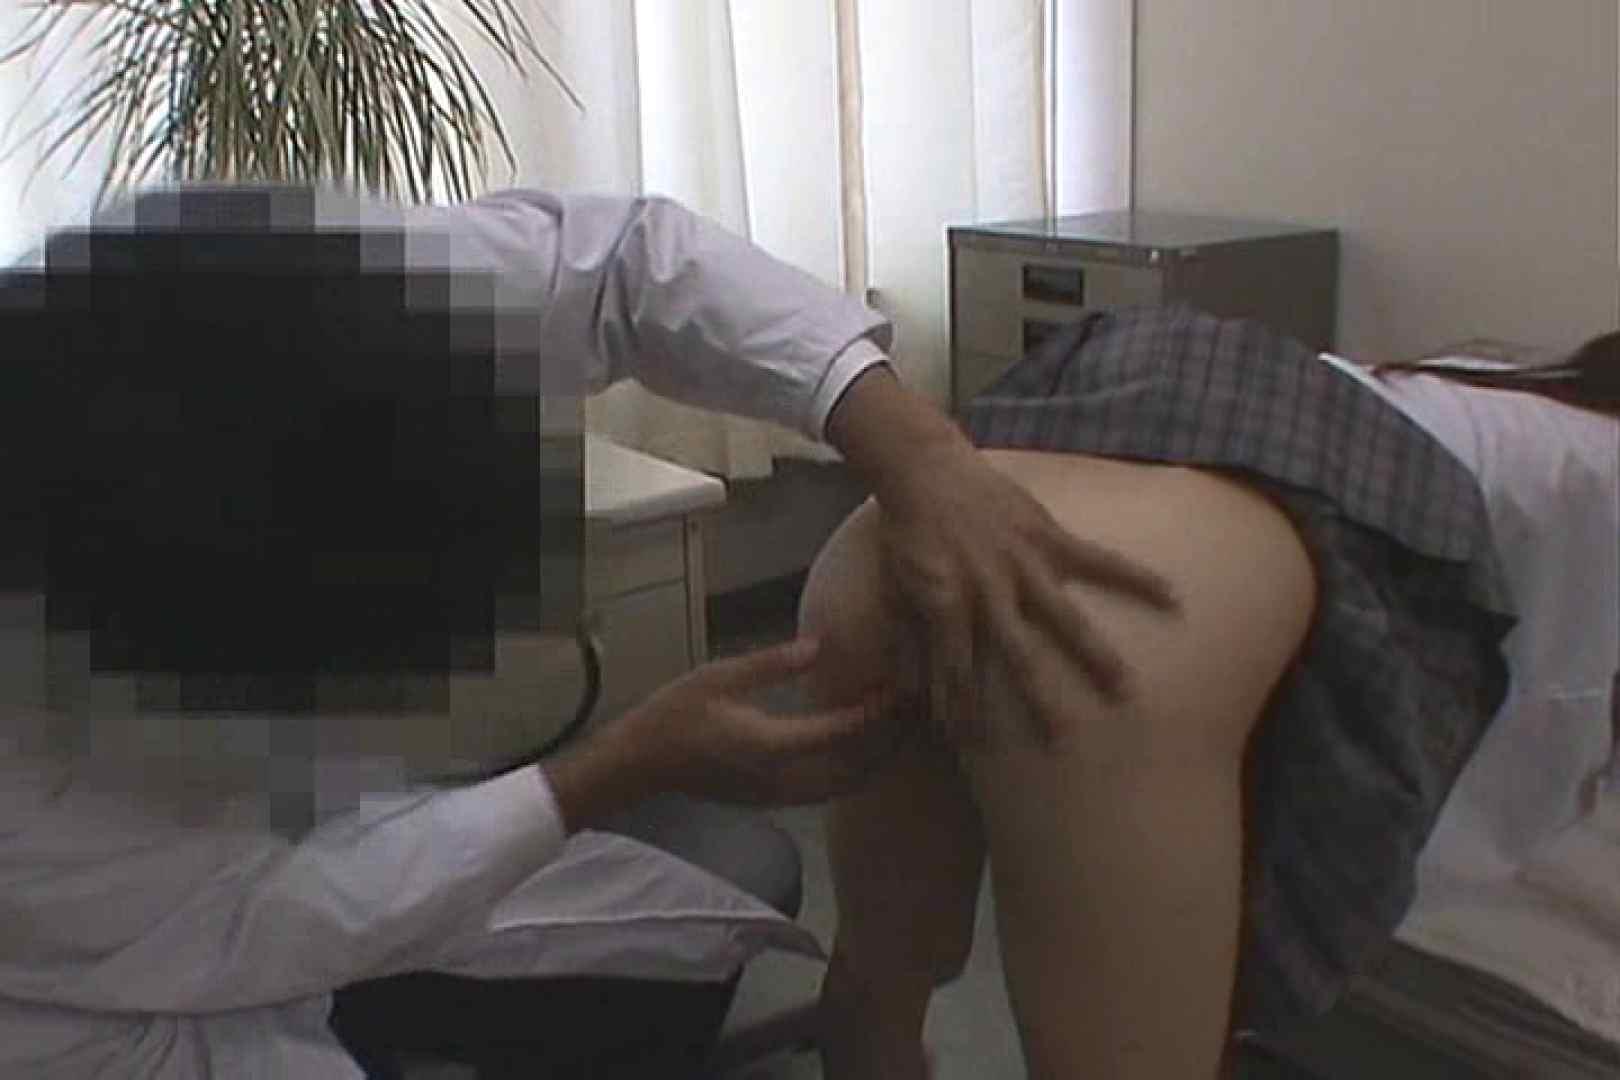 放課後居残り内科検診Vol.2 制服 オメコ無修正動画無料 103画像 33